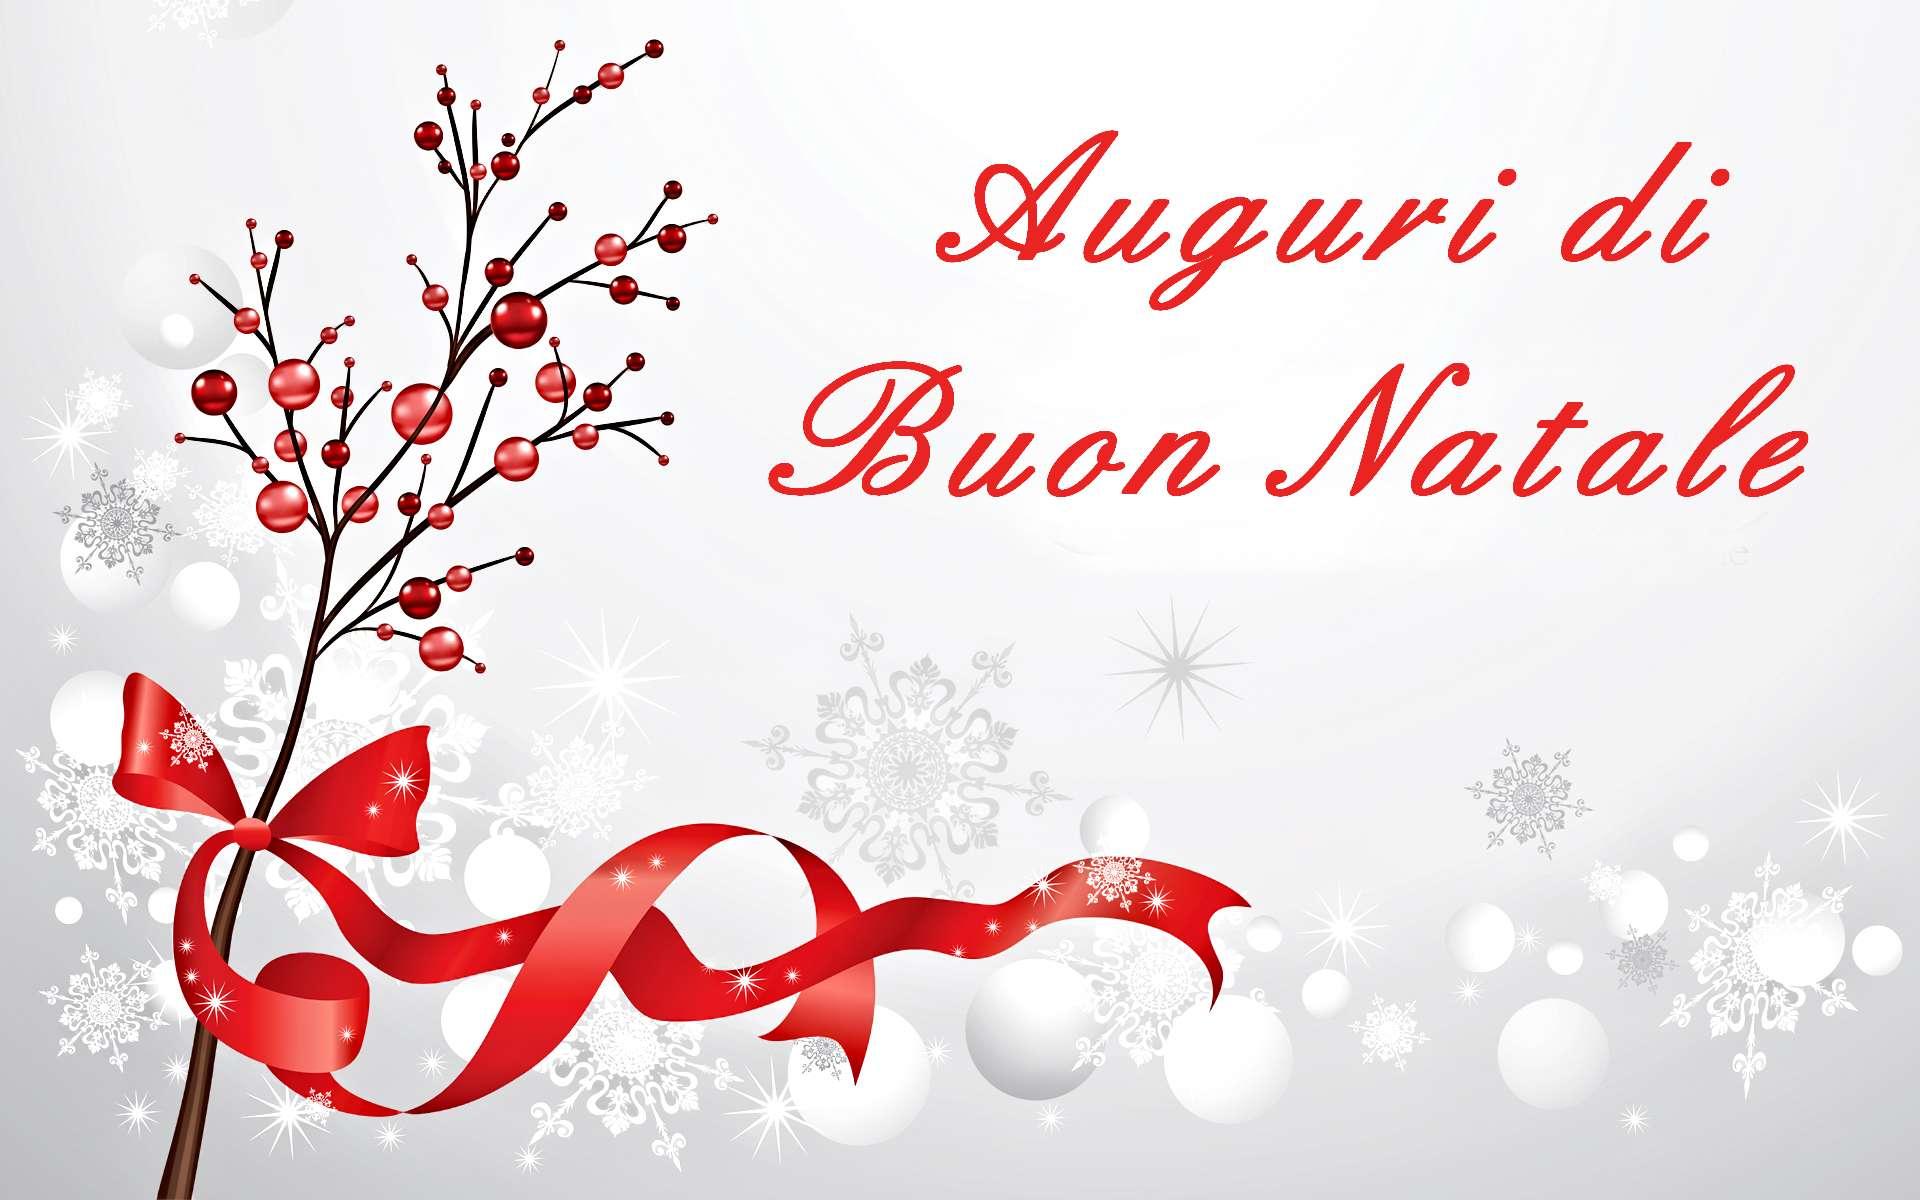 Immagini Natale Email.Auguri Di Buon Natale E Buon Anno Villa Guardia Viva